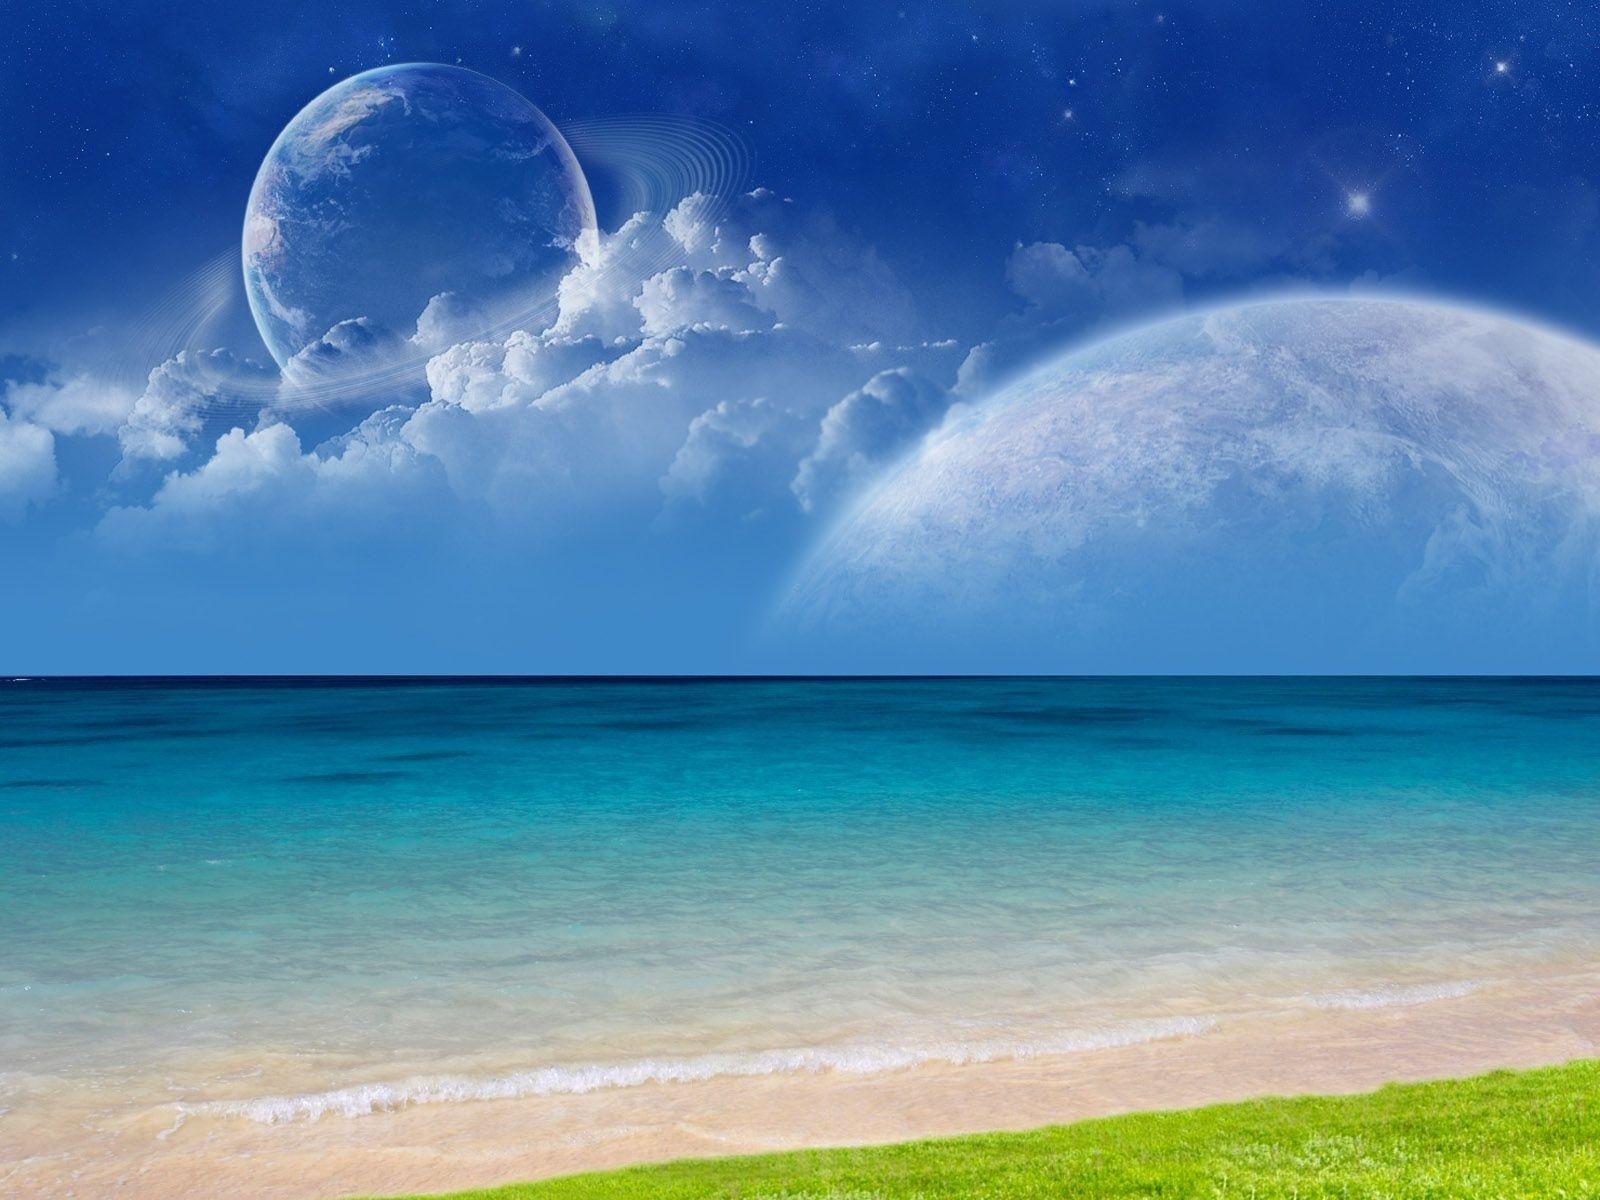 13286 скачать обои Пейзаж, Вода, Небо, Планеты, Море, Облака - заставки и картинки бесплатно